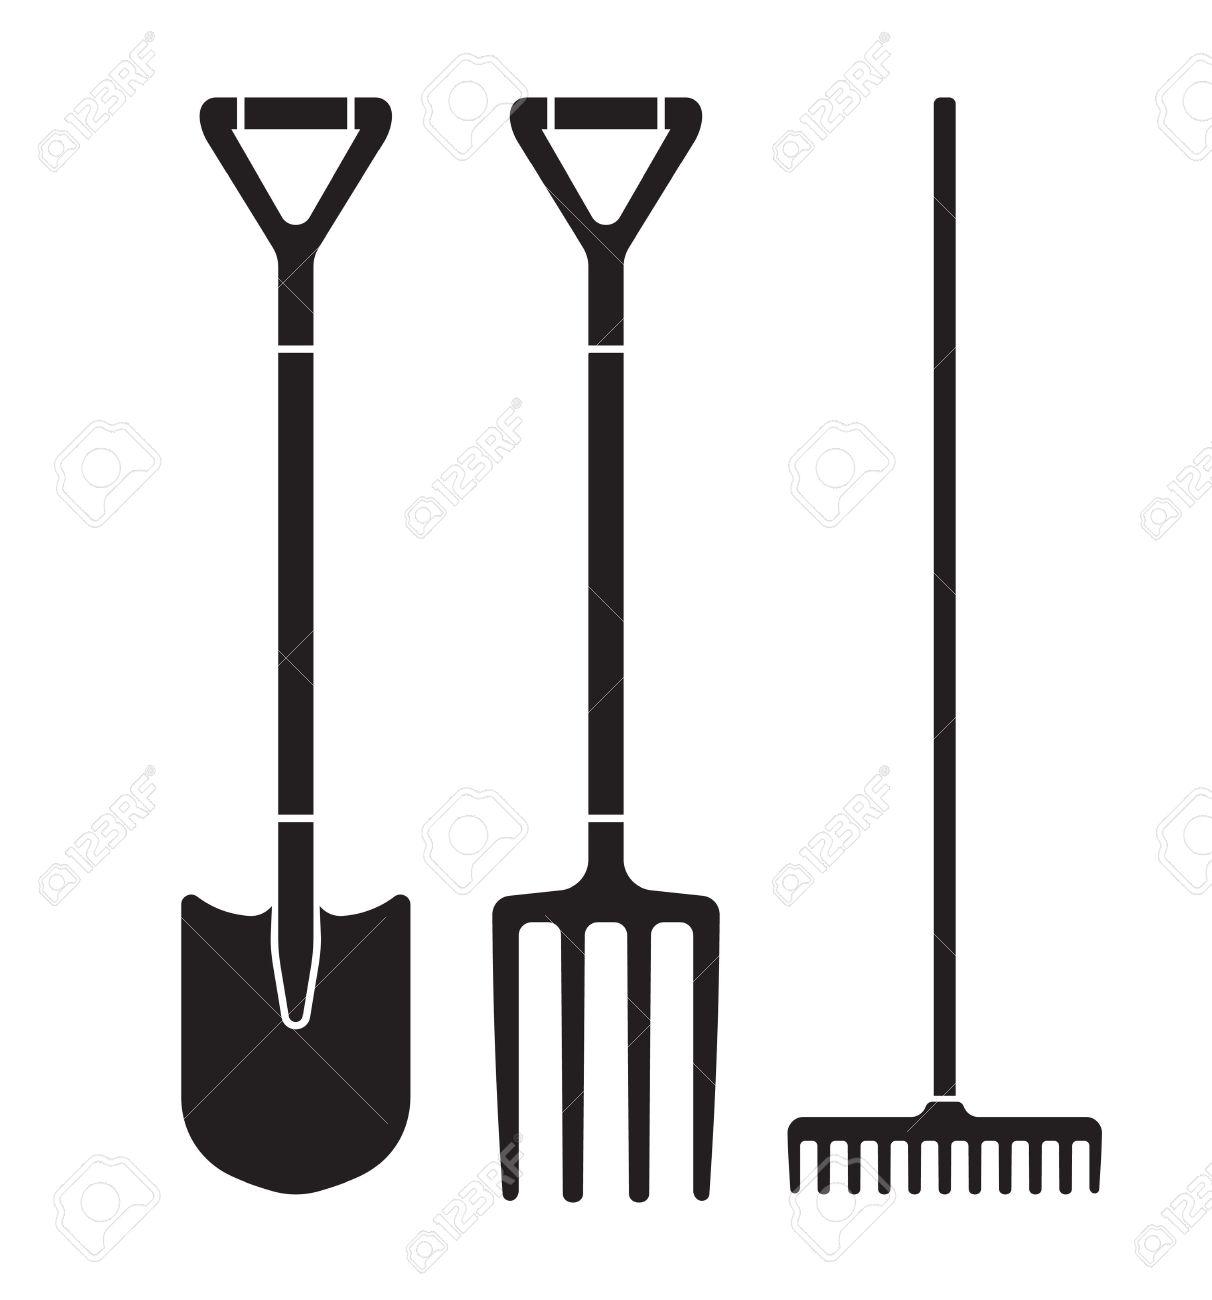 Garden tool spade, pitchfork and rake vector icons - 47721166